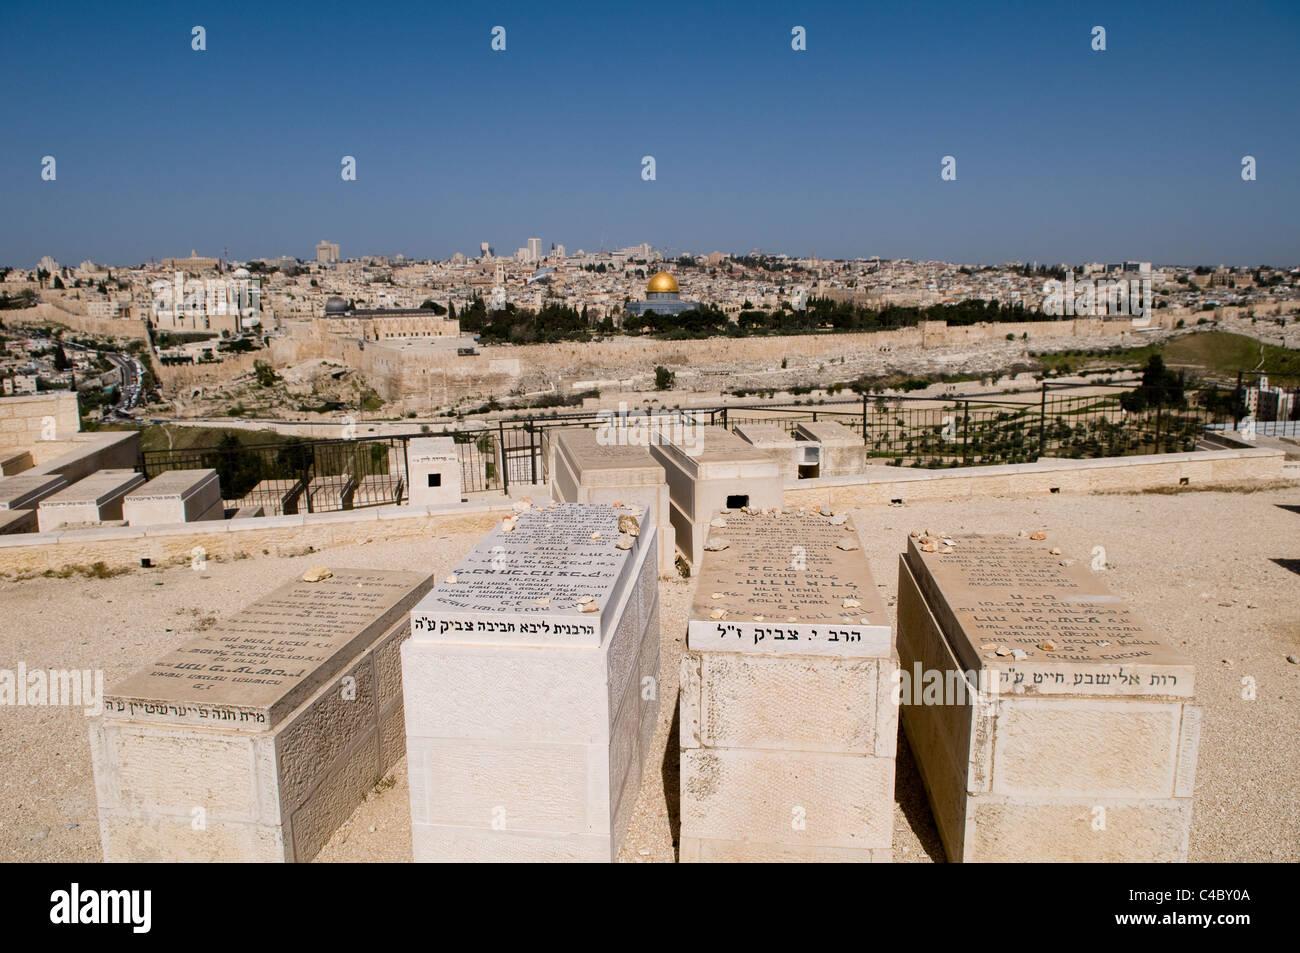 Una vista del Monte del Templo y la ciudad vieja de Jerusalén, como se ve desde el cementerio judío en el Monte Foto de stock